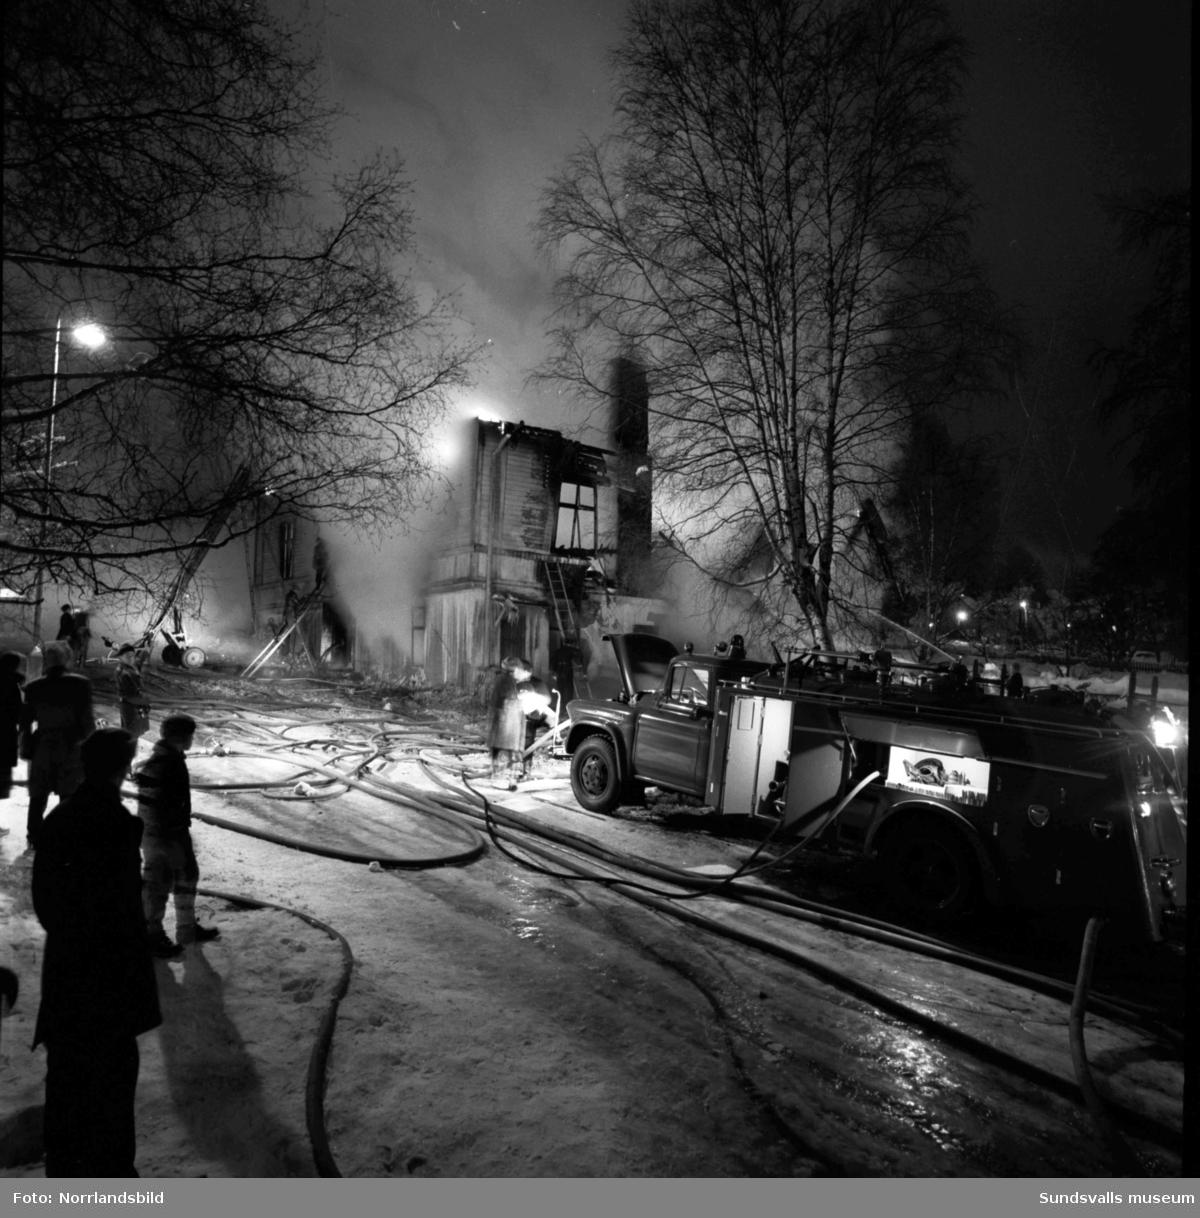 Ett stort trähus vid Nygatan, Skolhusalléns södra ände, på Södermalm brinner och släckningsarbetet pågår mitt i smällkalla vintern.